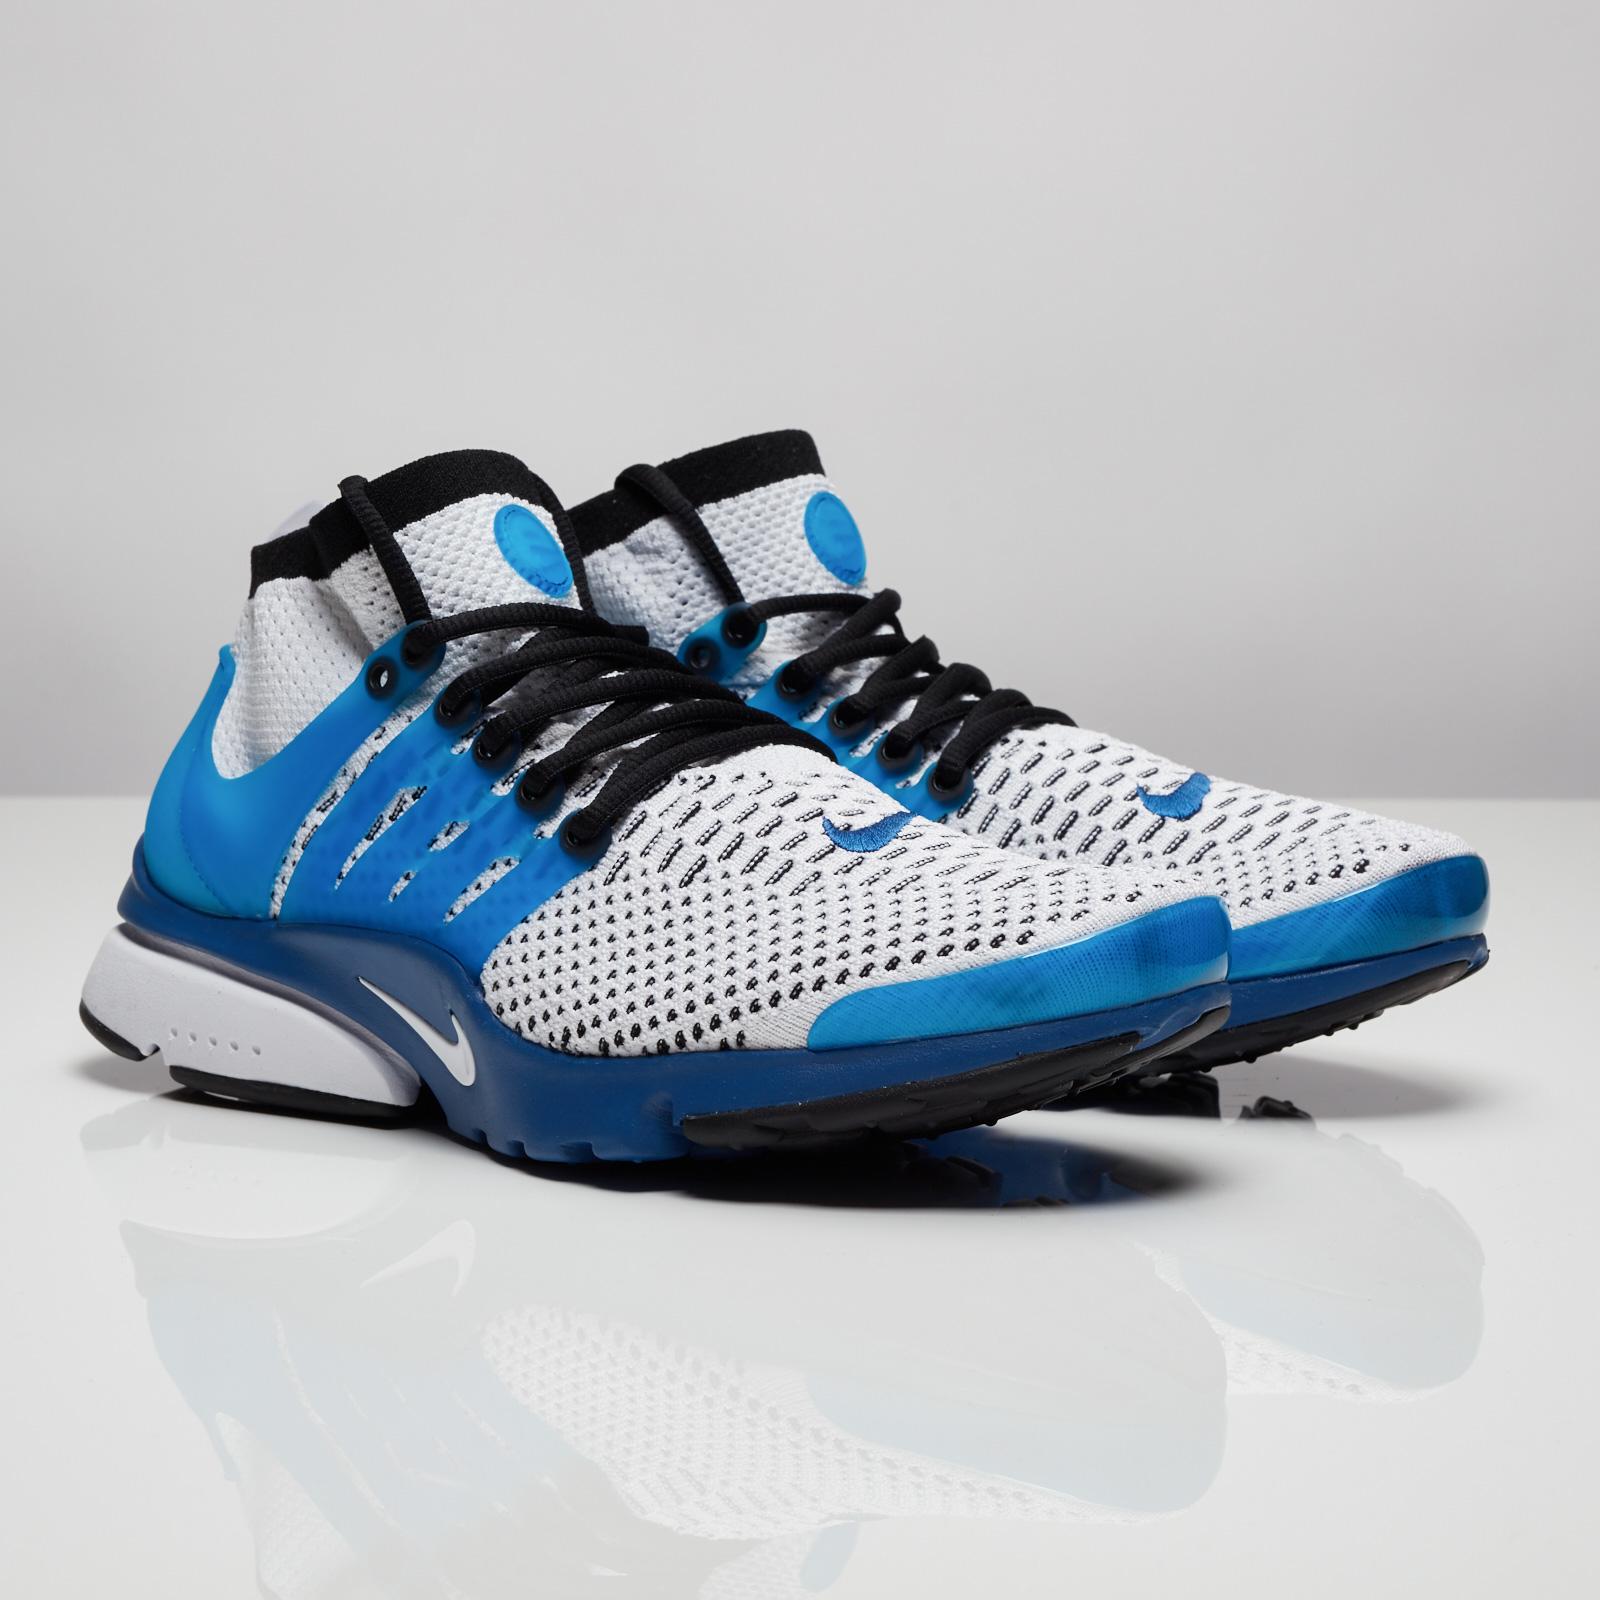 7b961c8fb4b37 Nike Air Presto Ultra Flyknit - 835570-401 - Sneakersnstuff ...